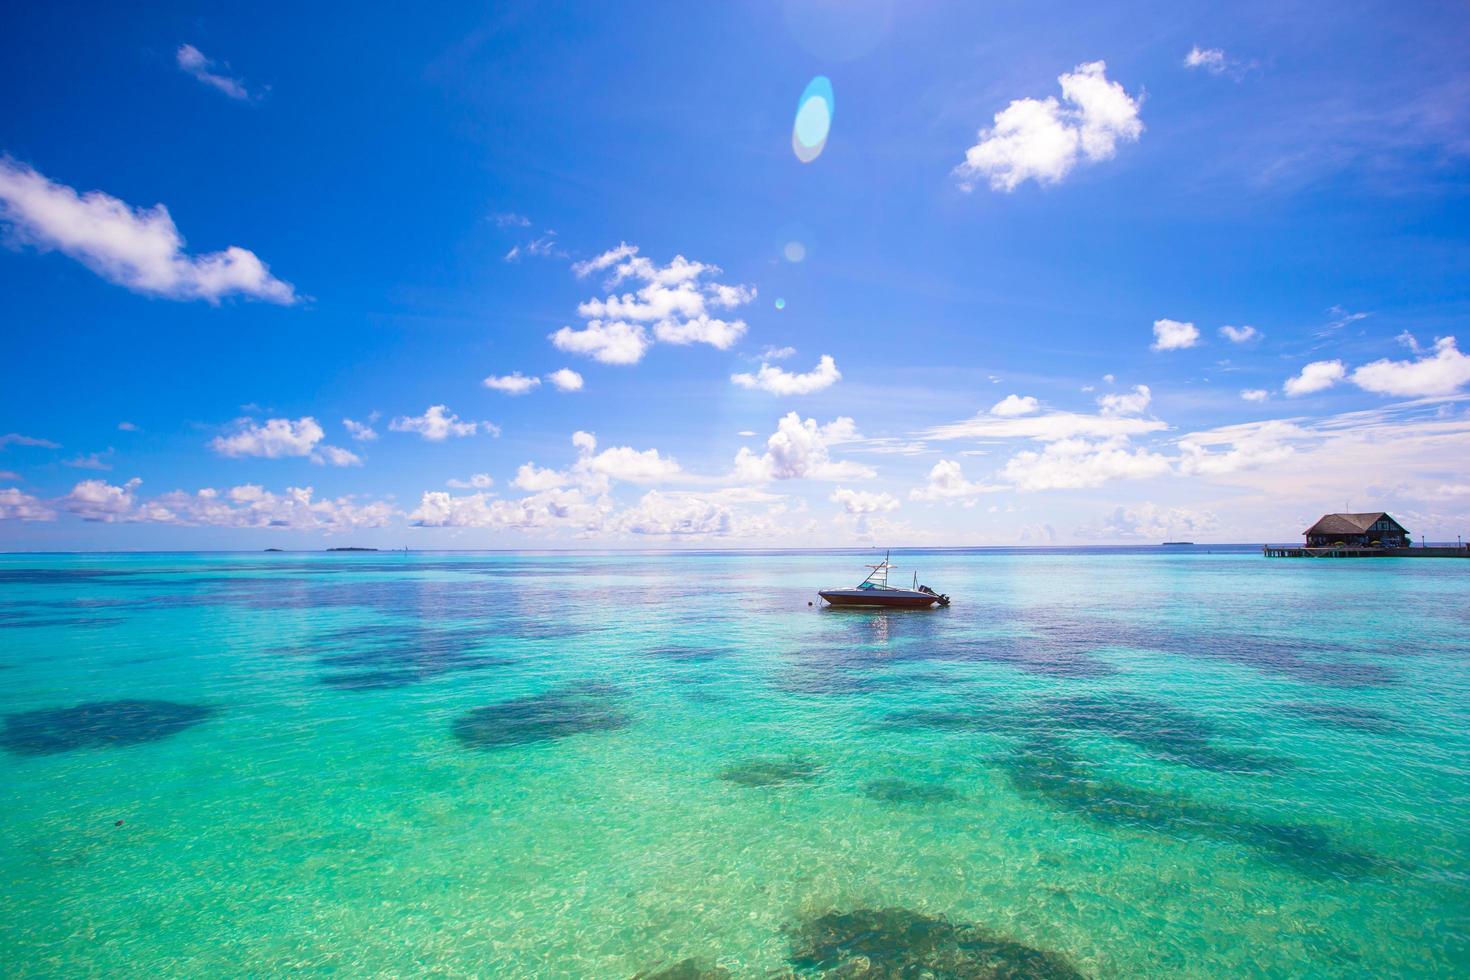 Maldivas, Asia del Sur, 2020 - Barco en el agua del océano azul foto